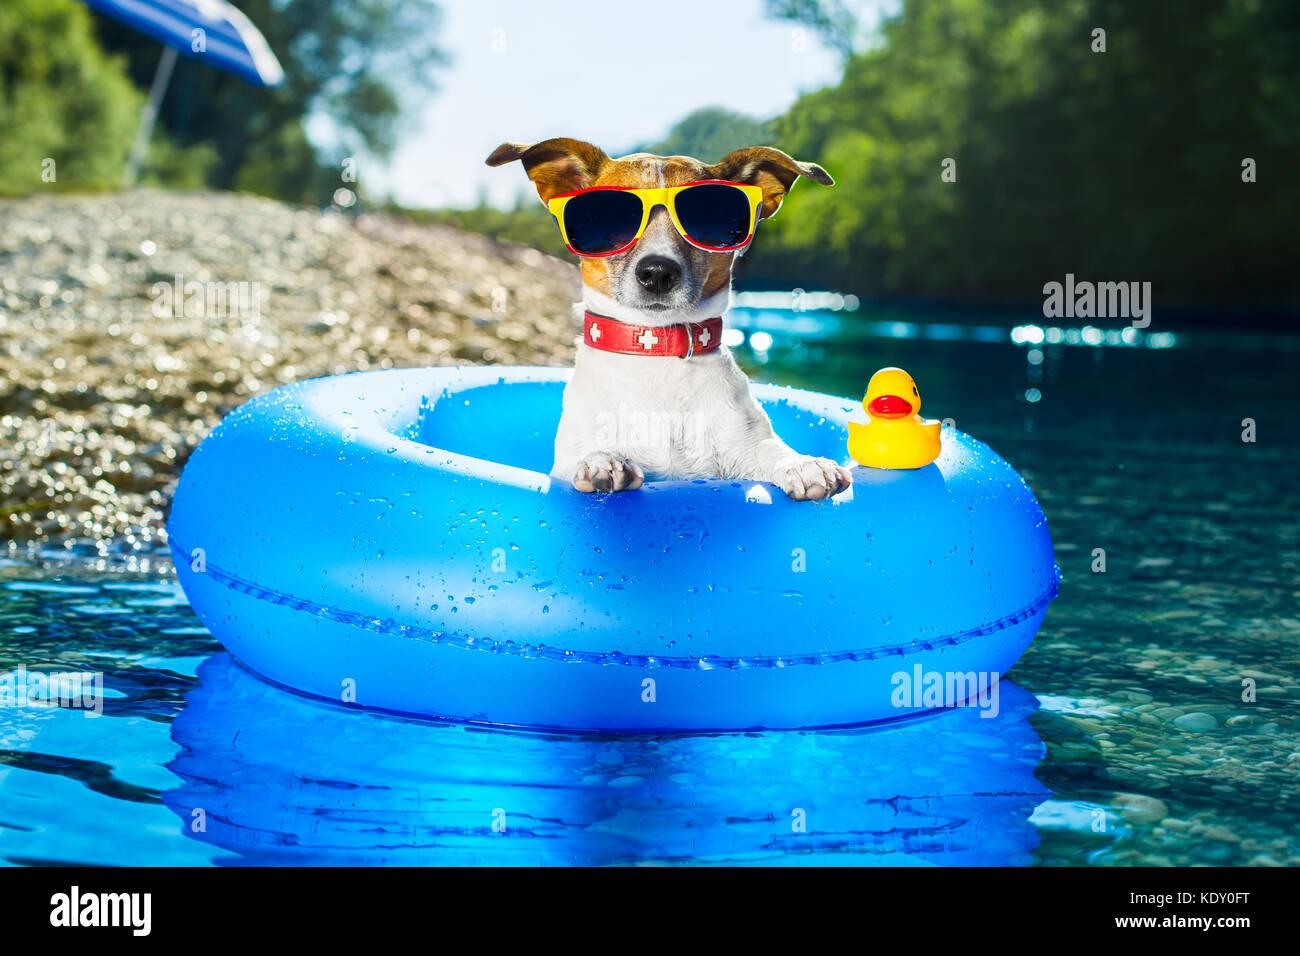 hund auf blaue luftmatratze im wasser erfrischend stockfoto bild 163476988 alamy. Black Bedroom Furniture Sets. Home Design Ideas